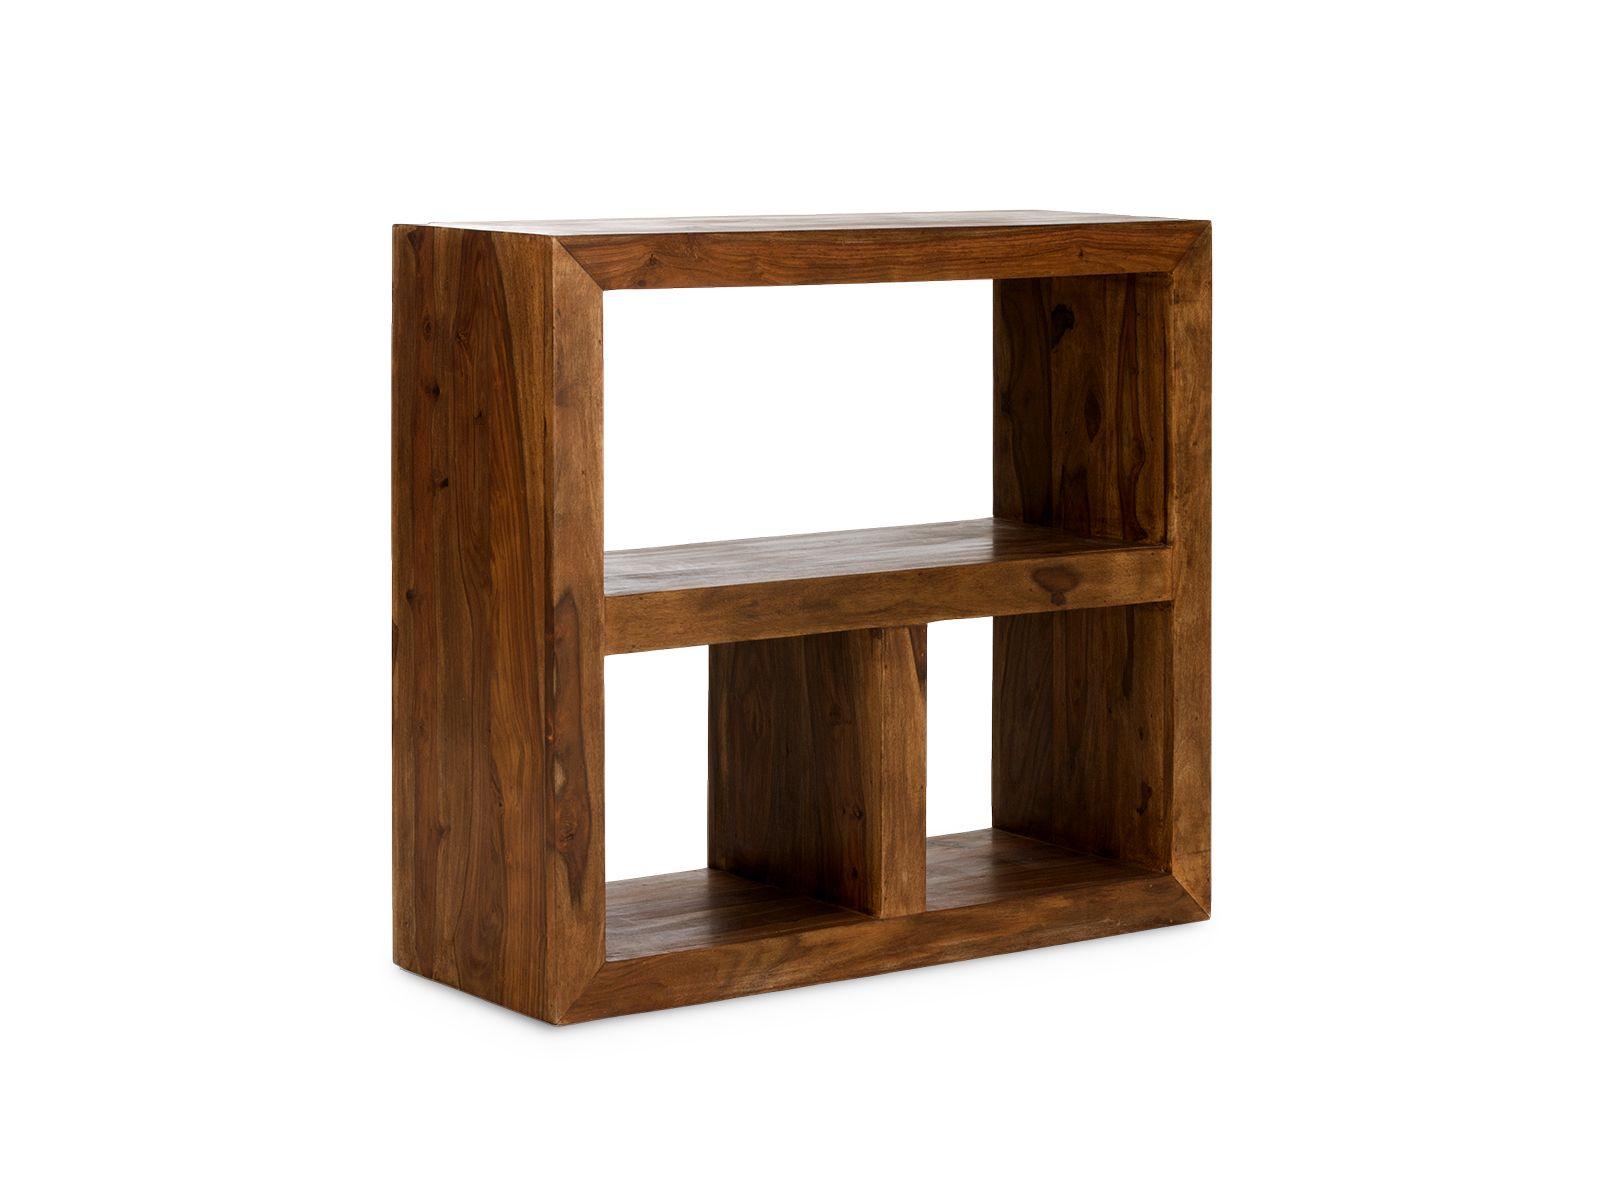 Tag Re Cube Avec 3 Compartiments En Palissandre Miel Consoles  # Modeles Bois Massif Salon Palissandre